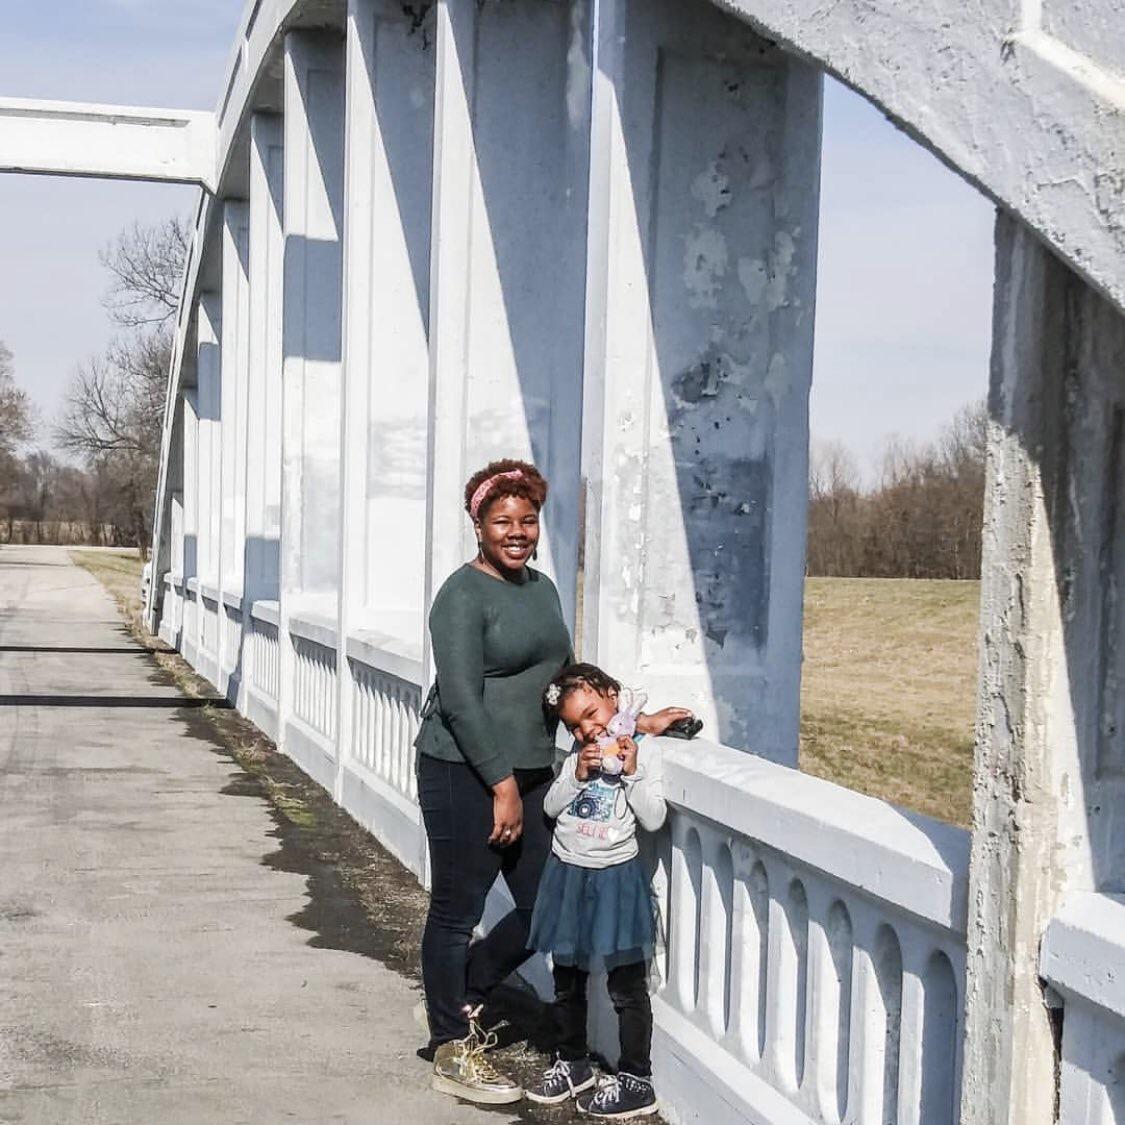 Kiara Watts and daughter Lily exploring KC